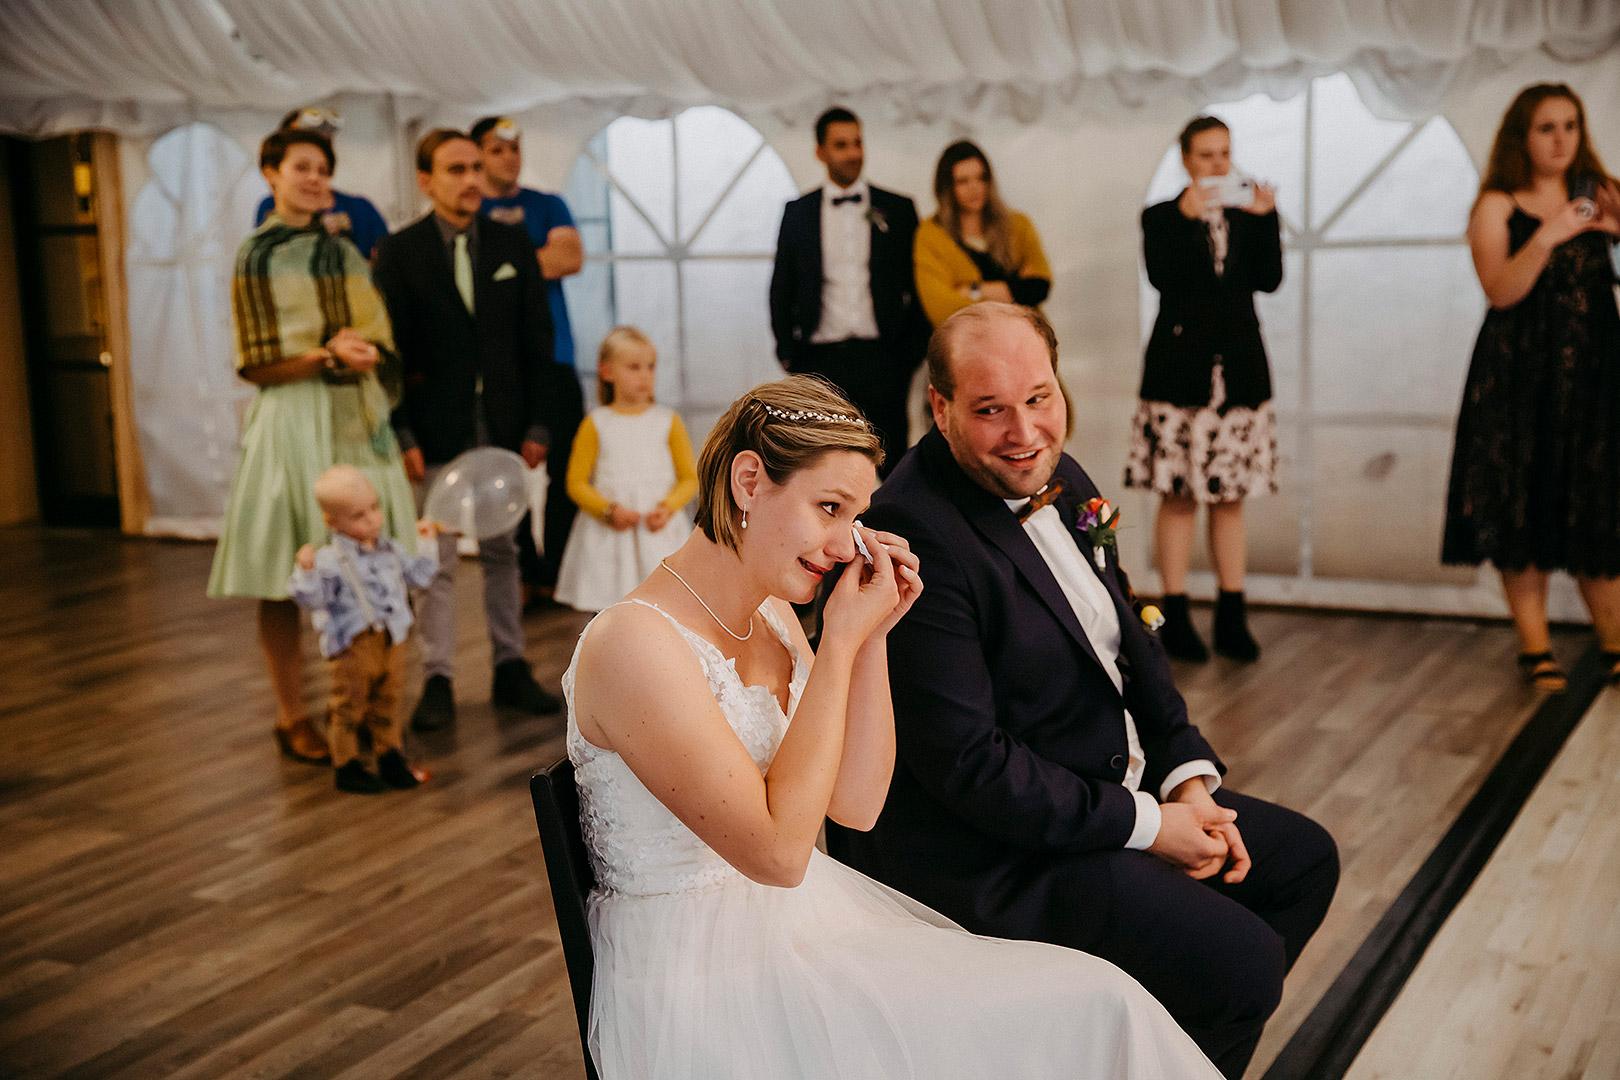 portrait_wedding_klaereundmarco_59